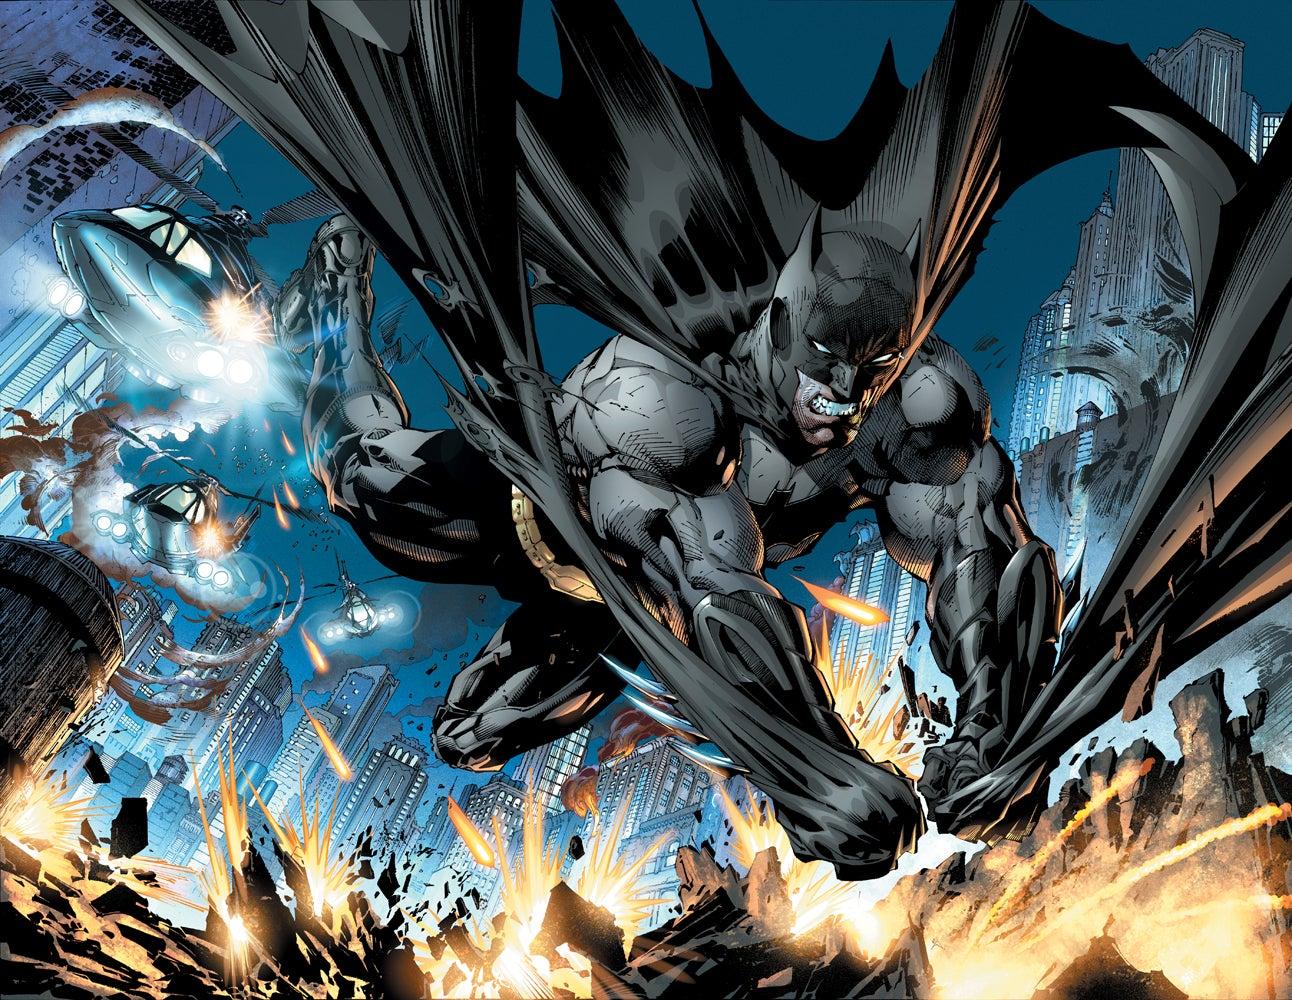 Imagen de Justice League #1 Pages 2-3 cortesía de IGN